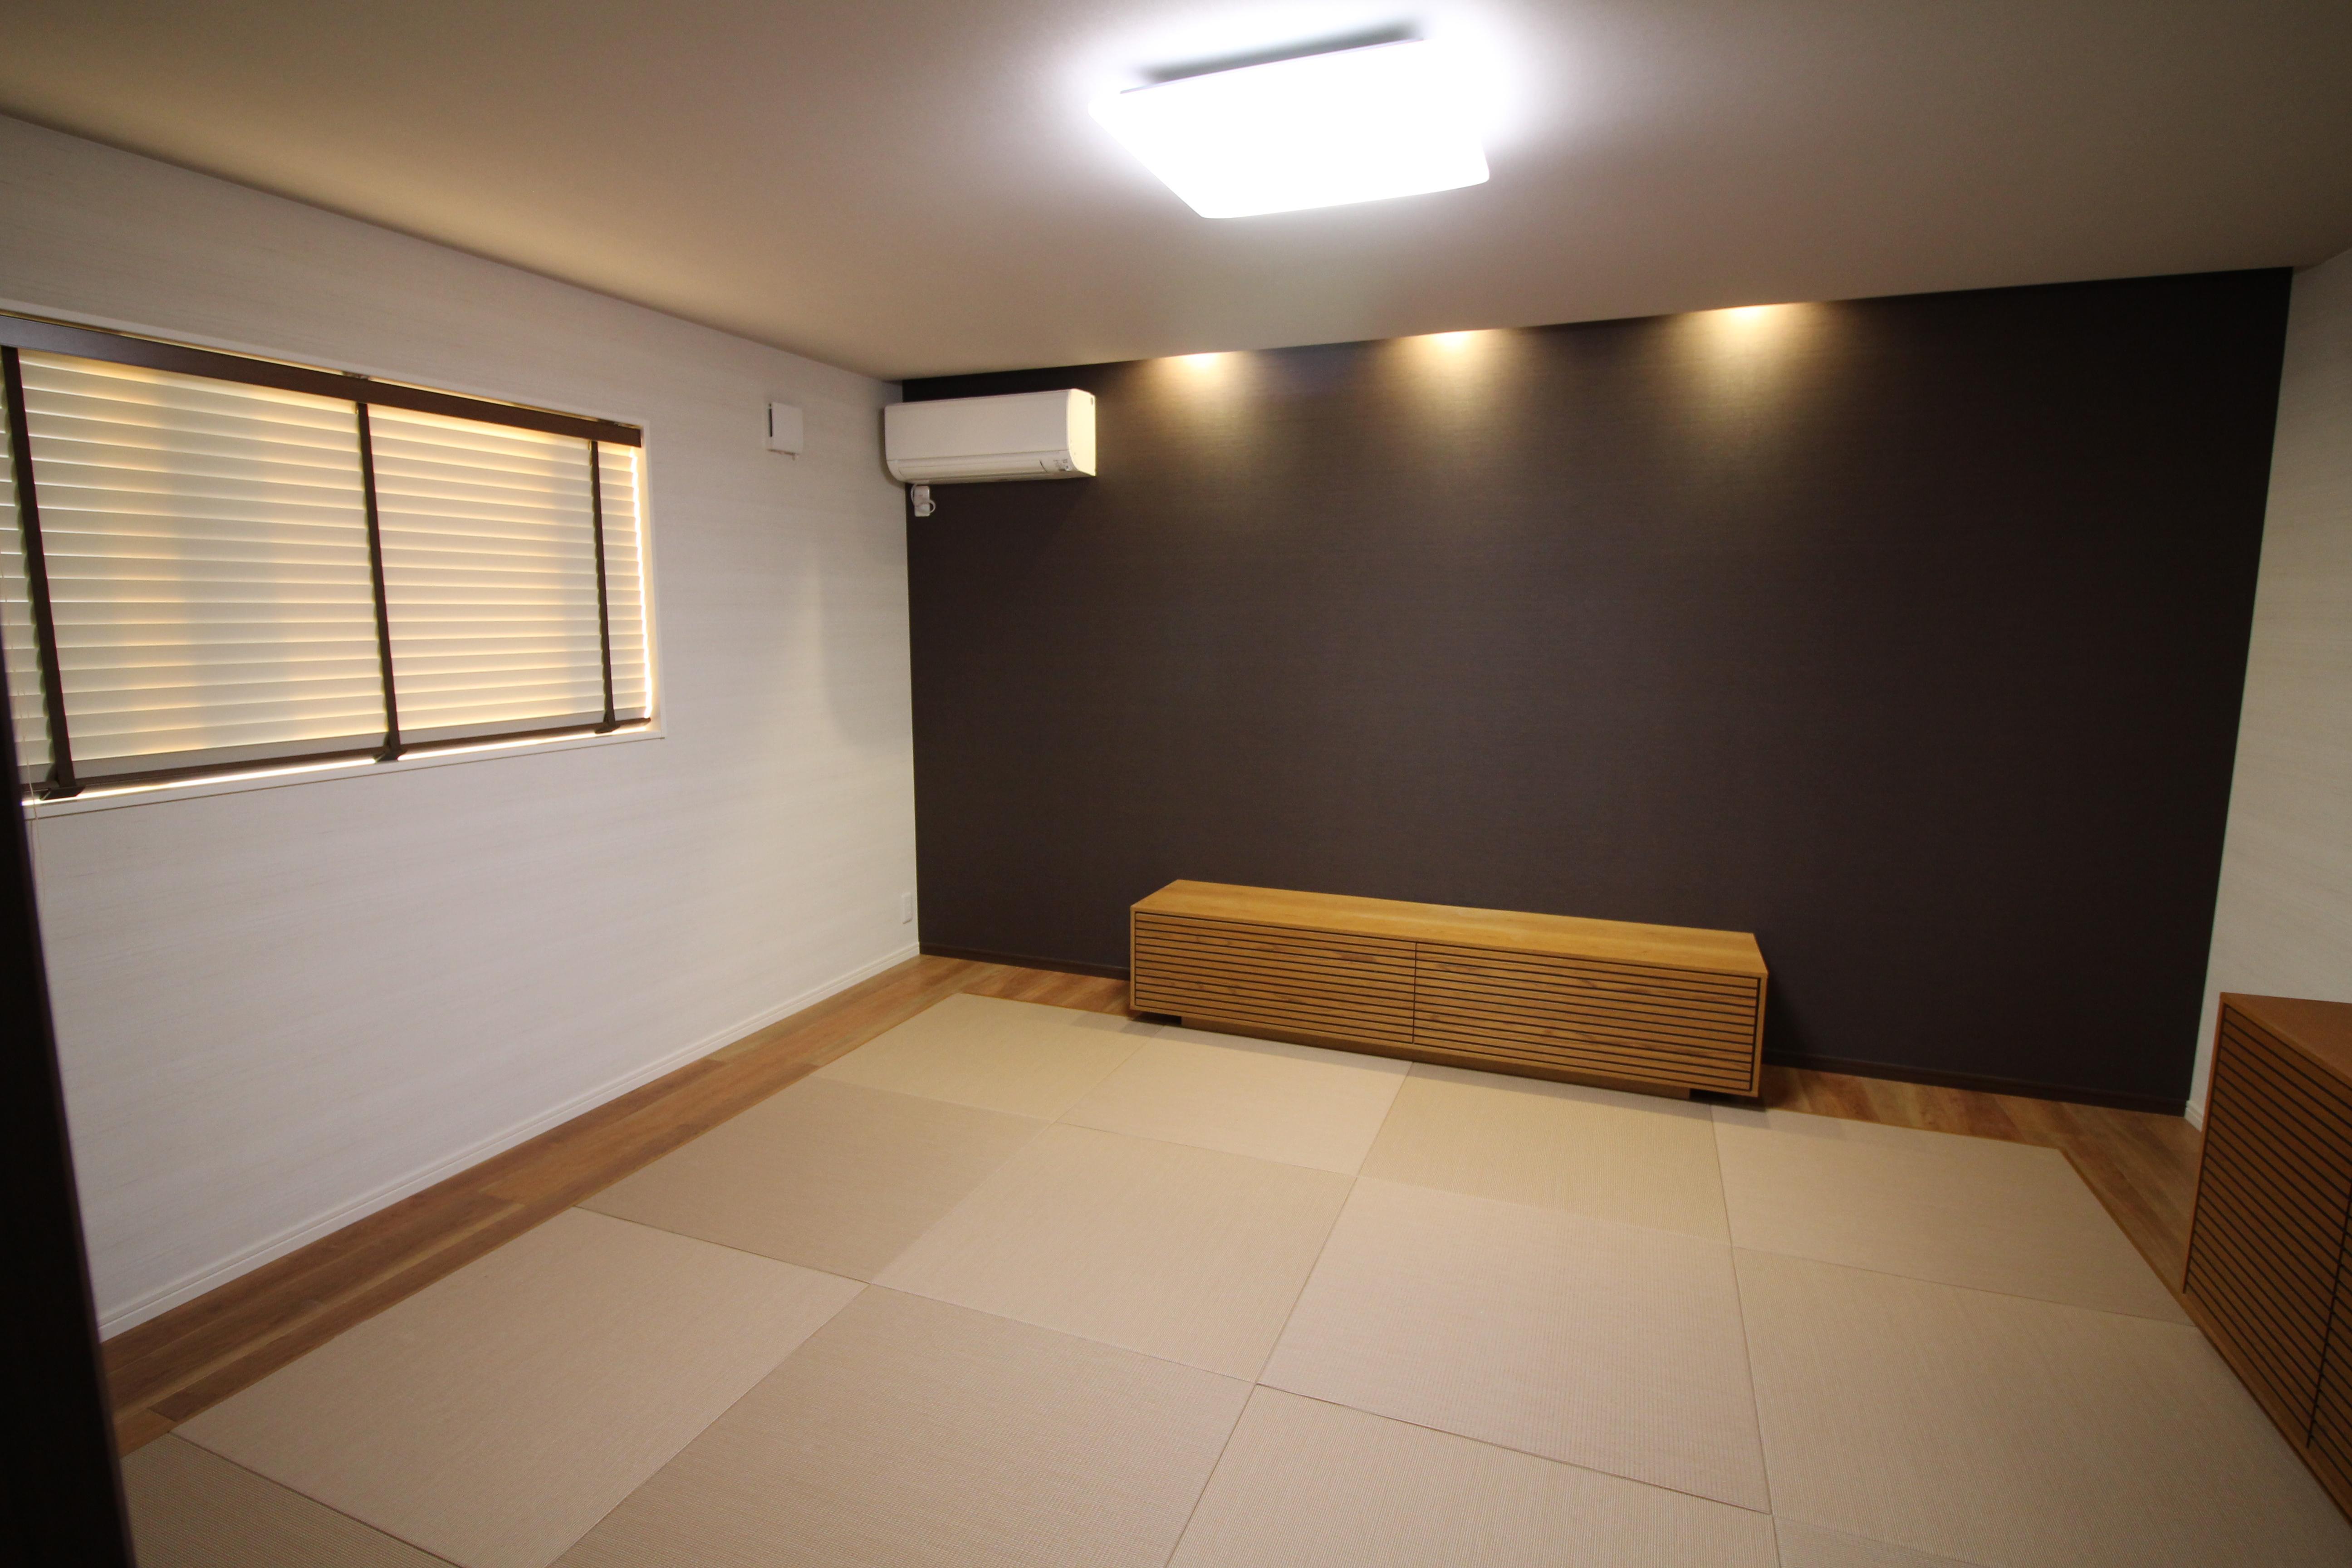 縁なしの畳を使い、廻りを板張りにしたモダンな寝室